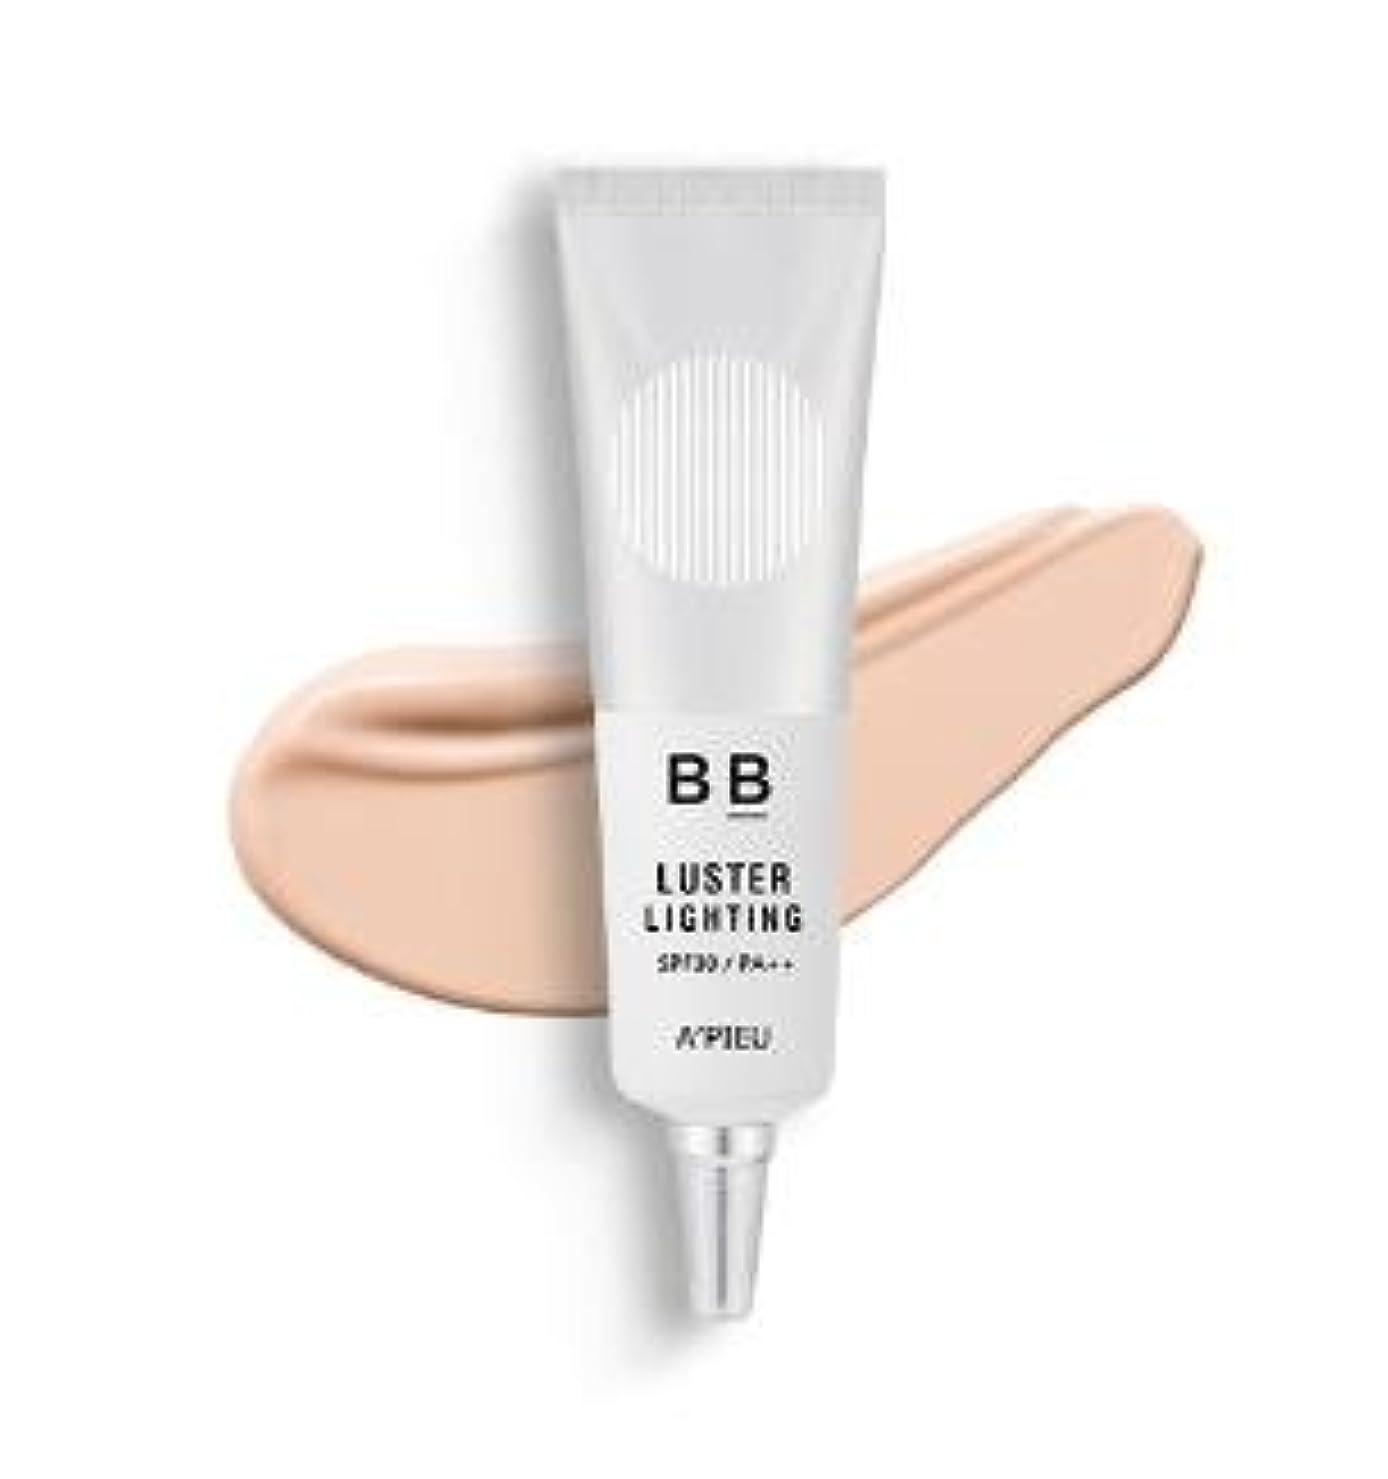 優先強化火薬APIEU Luster Lighting BB Cream No. 21 アピュ 潤光 BB クリーム20g [並行輸入品]